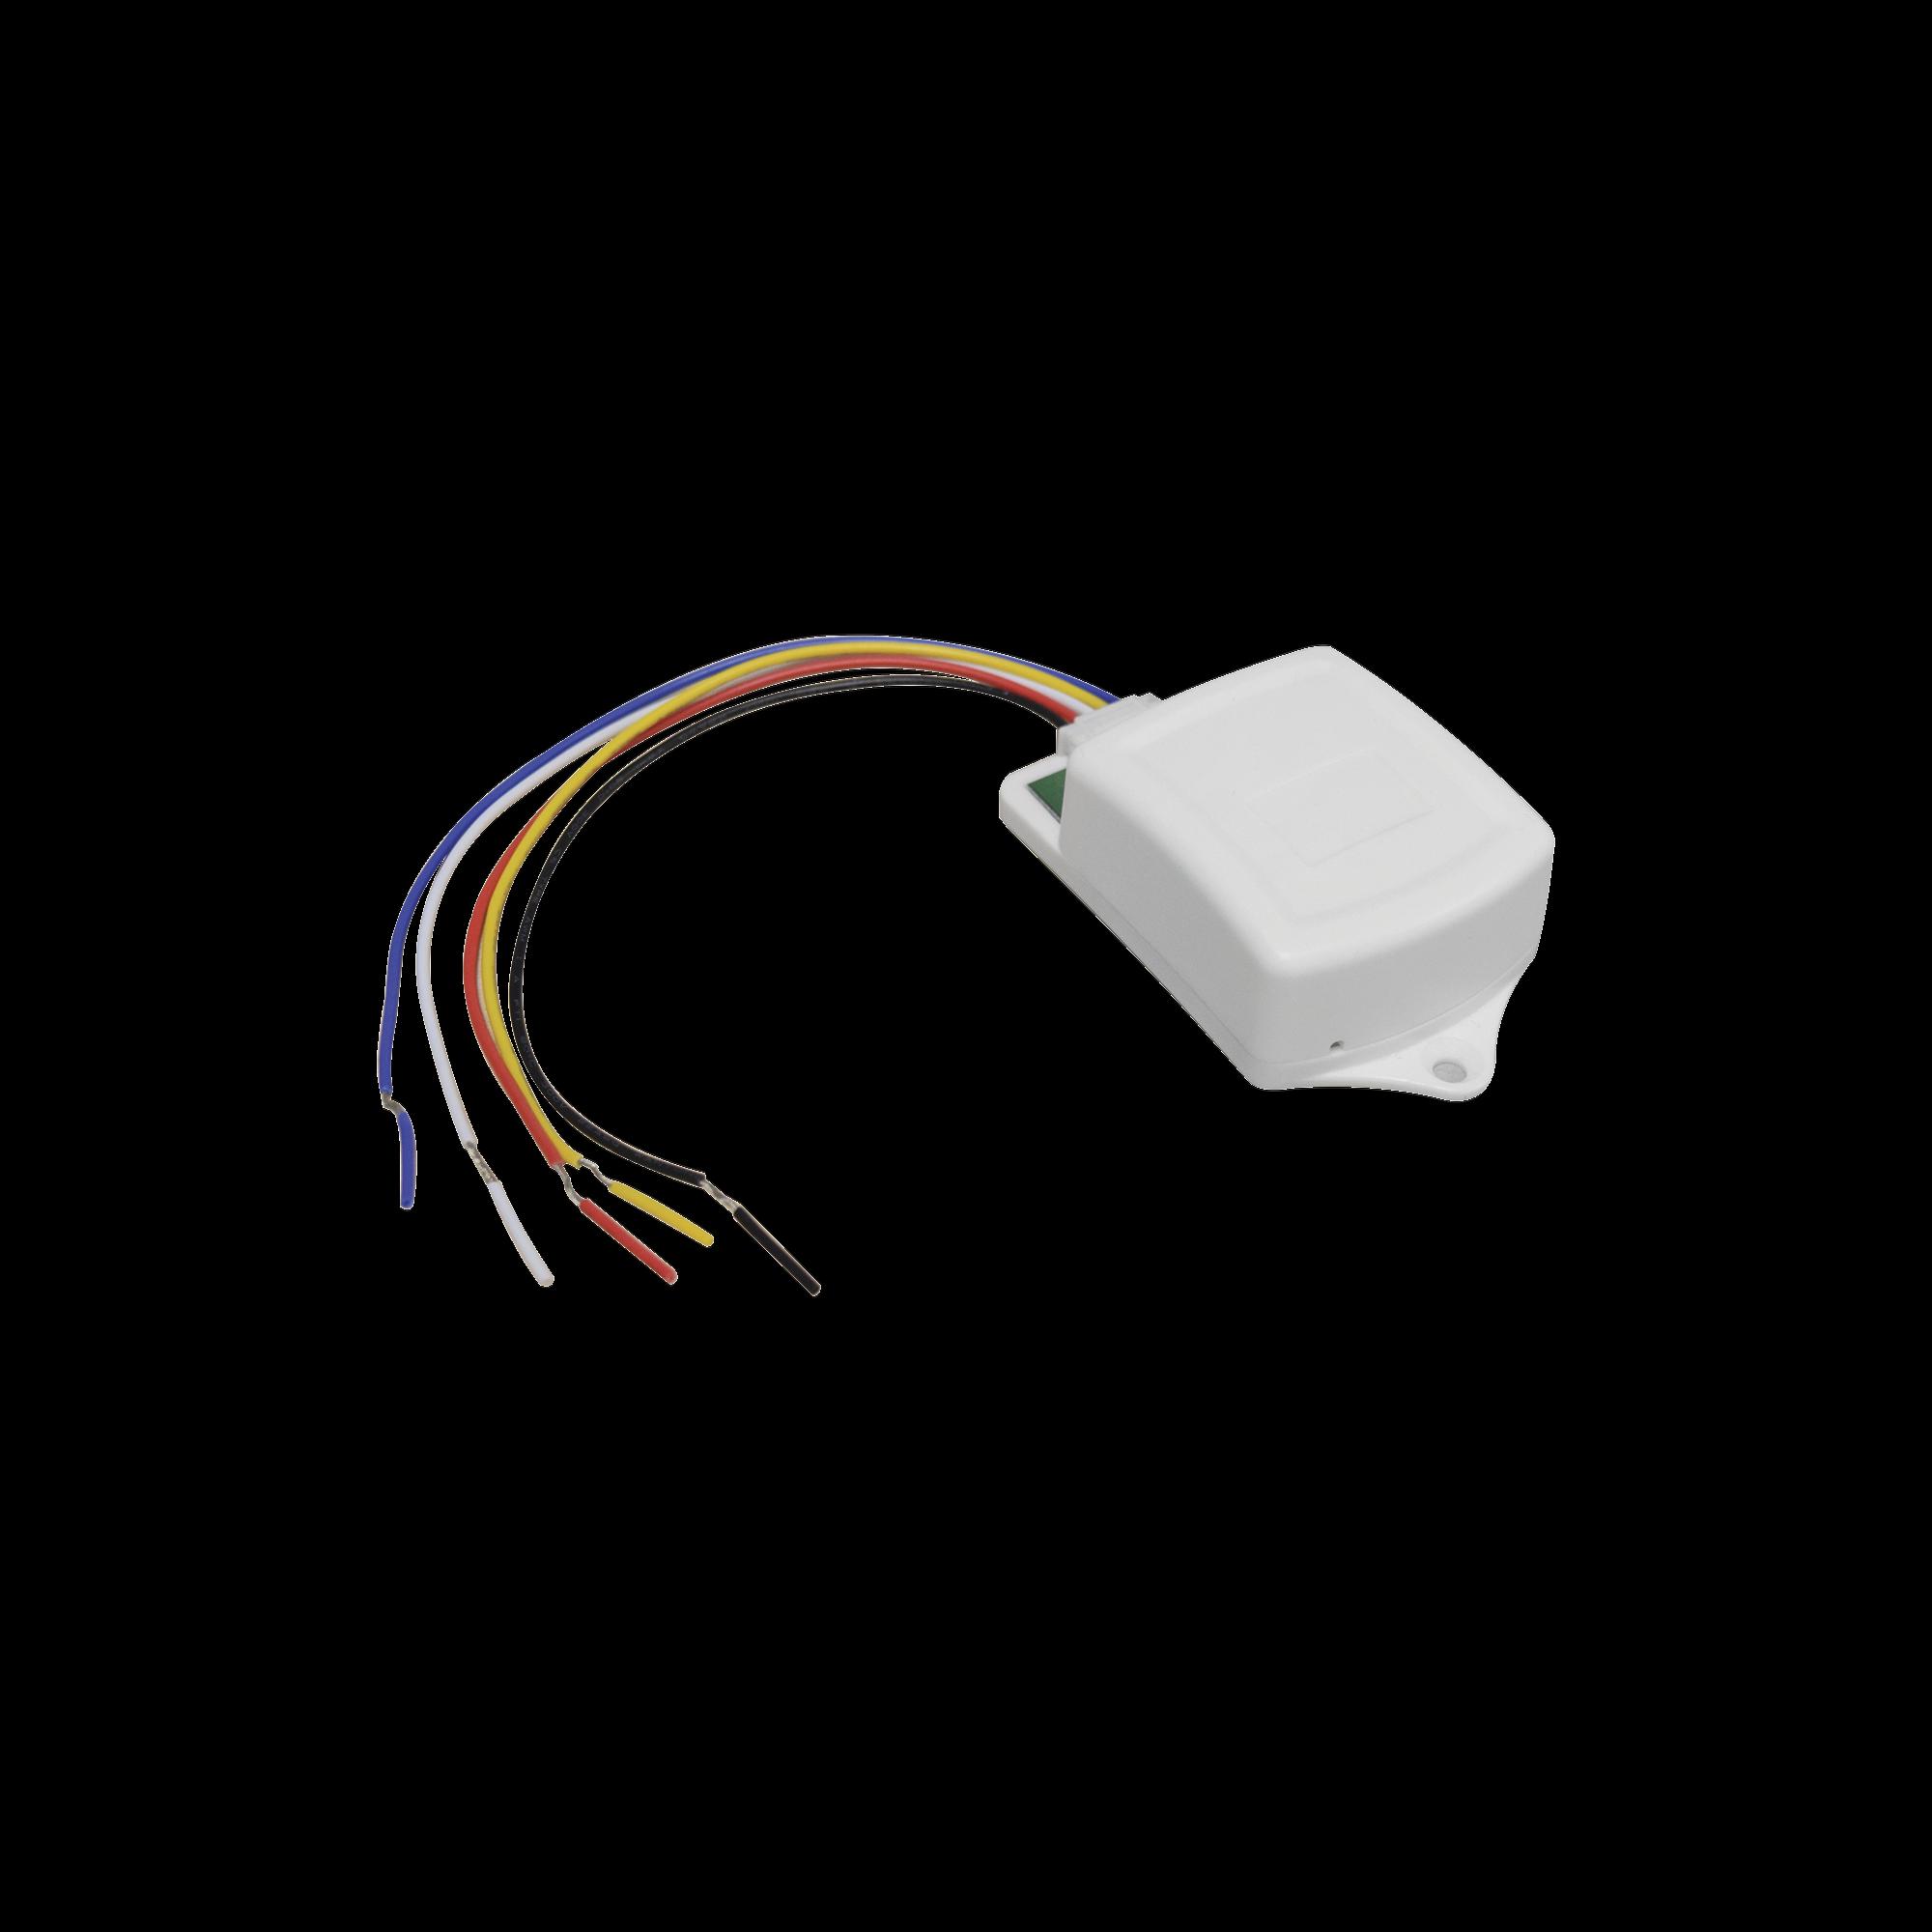 Receptor Bluetooth, de Apertura a través del Smartphone/ Controle la Apertura de Cerraduras, Motores y mucho más